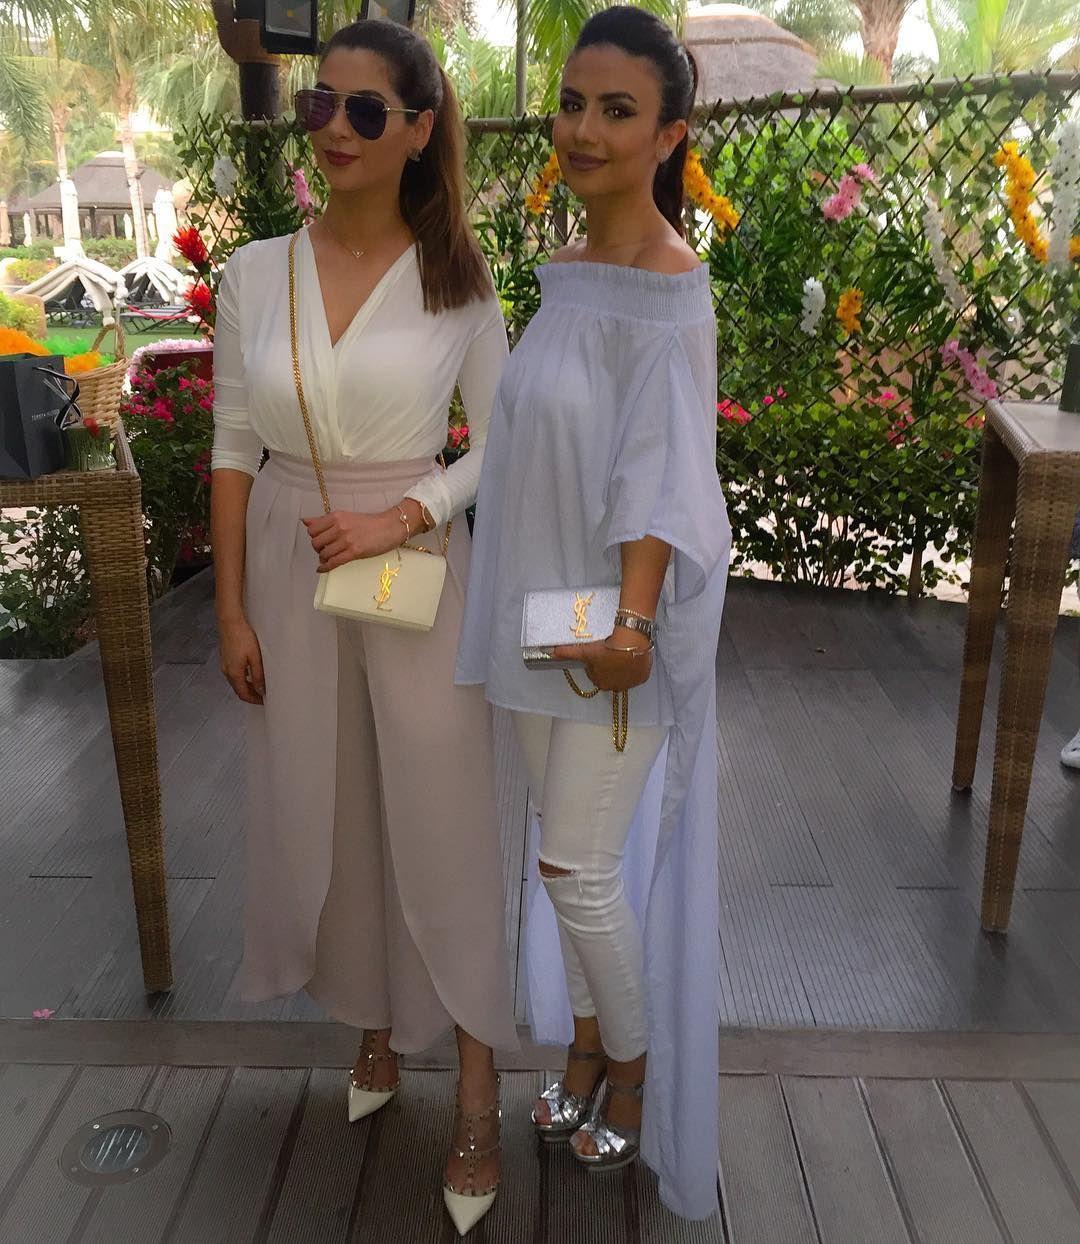 Beauty 2 Fashion: Fashion & Beauty Lover Abu Dhabi